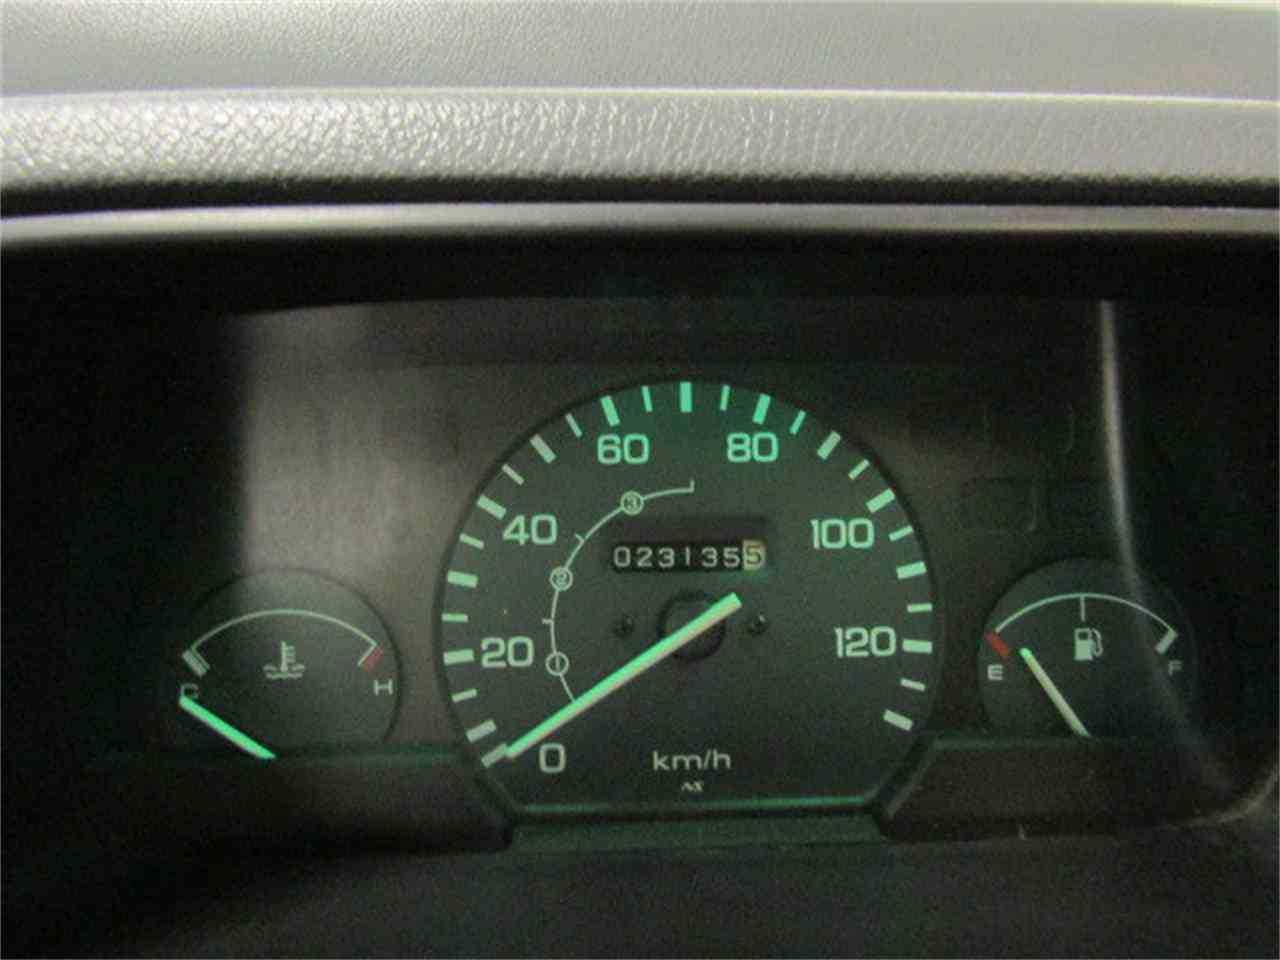 1992 Honda Acty For Sale In Christiansburg Va 0000000ha42042111 Civic Odometer Prev